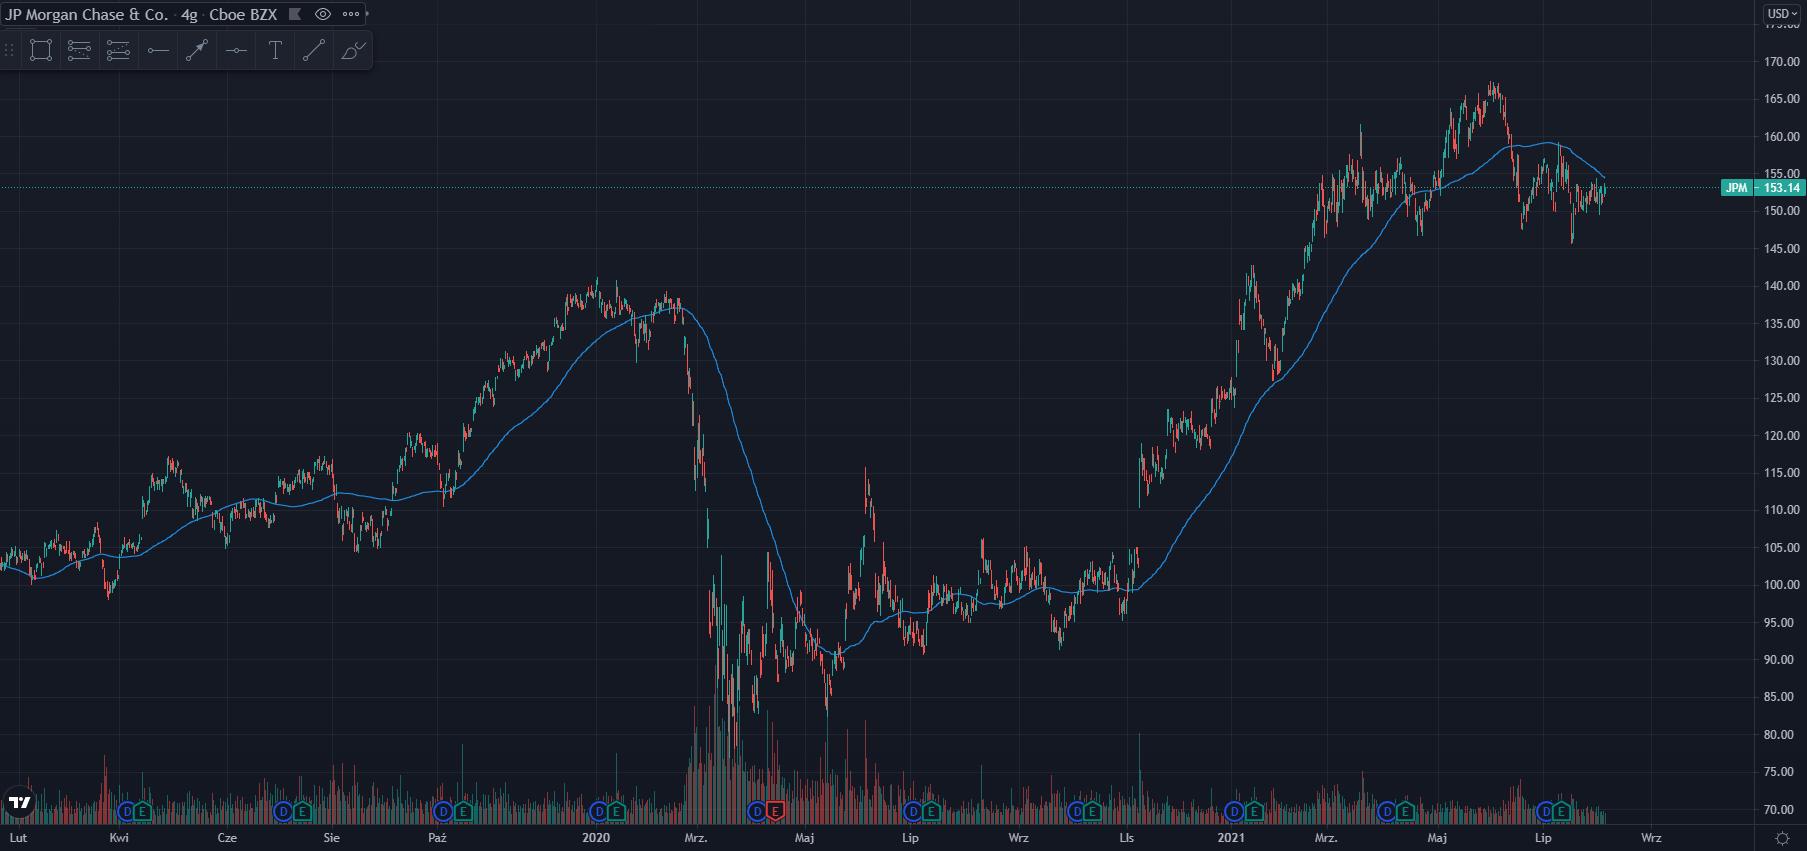 wykres Kurs akcji JP Morgan H4 06.08.2021